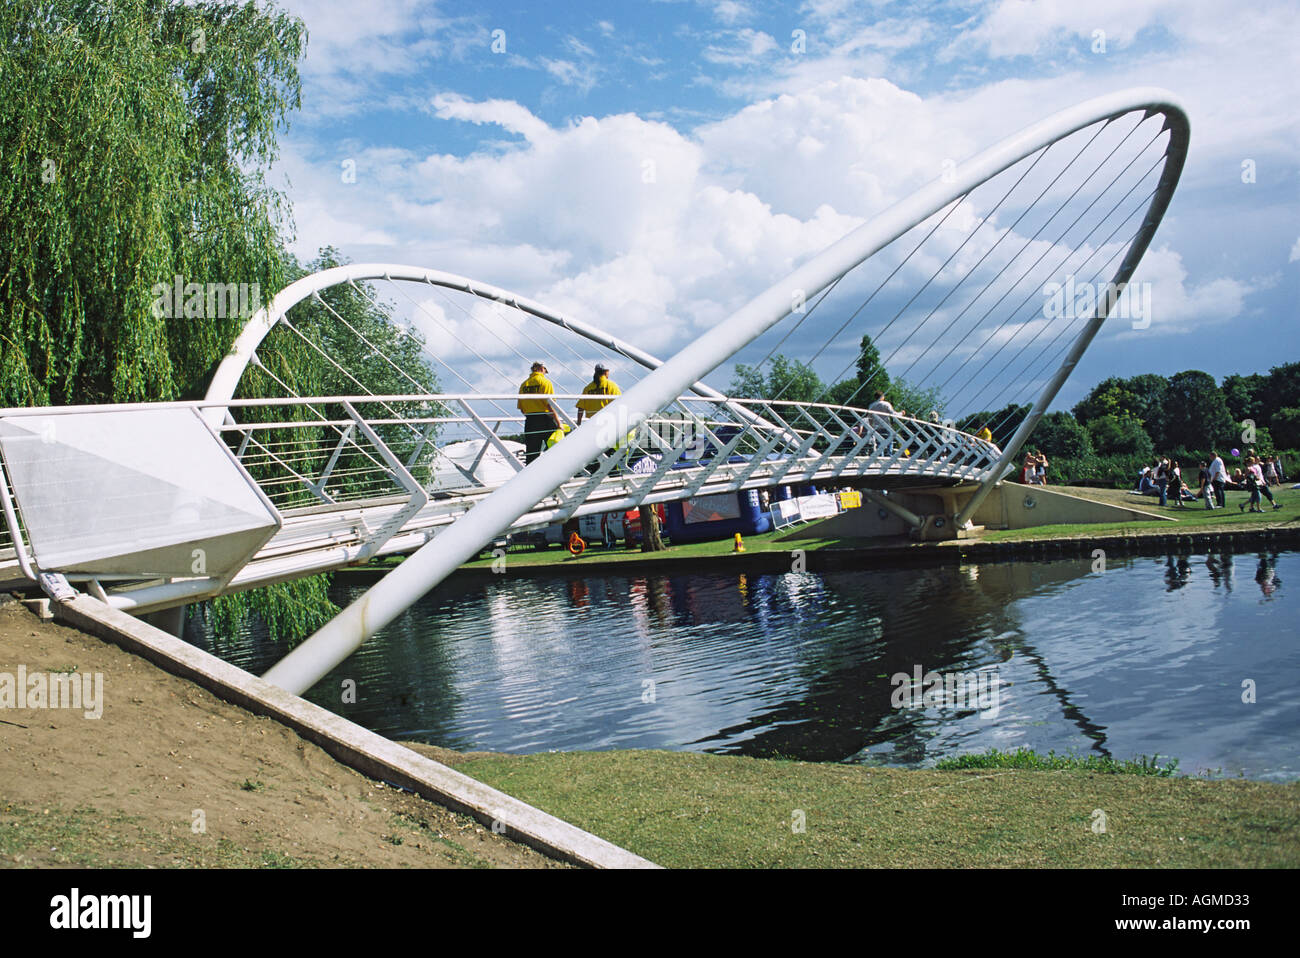 Butterfly Bridge Bedford 32 metre span Footbridge Opened in November 1997 - Stock Image